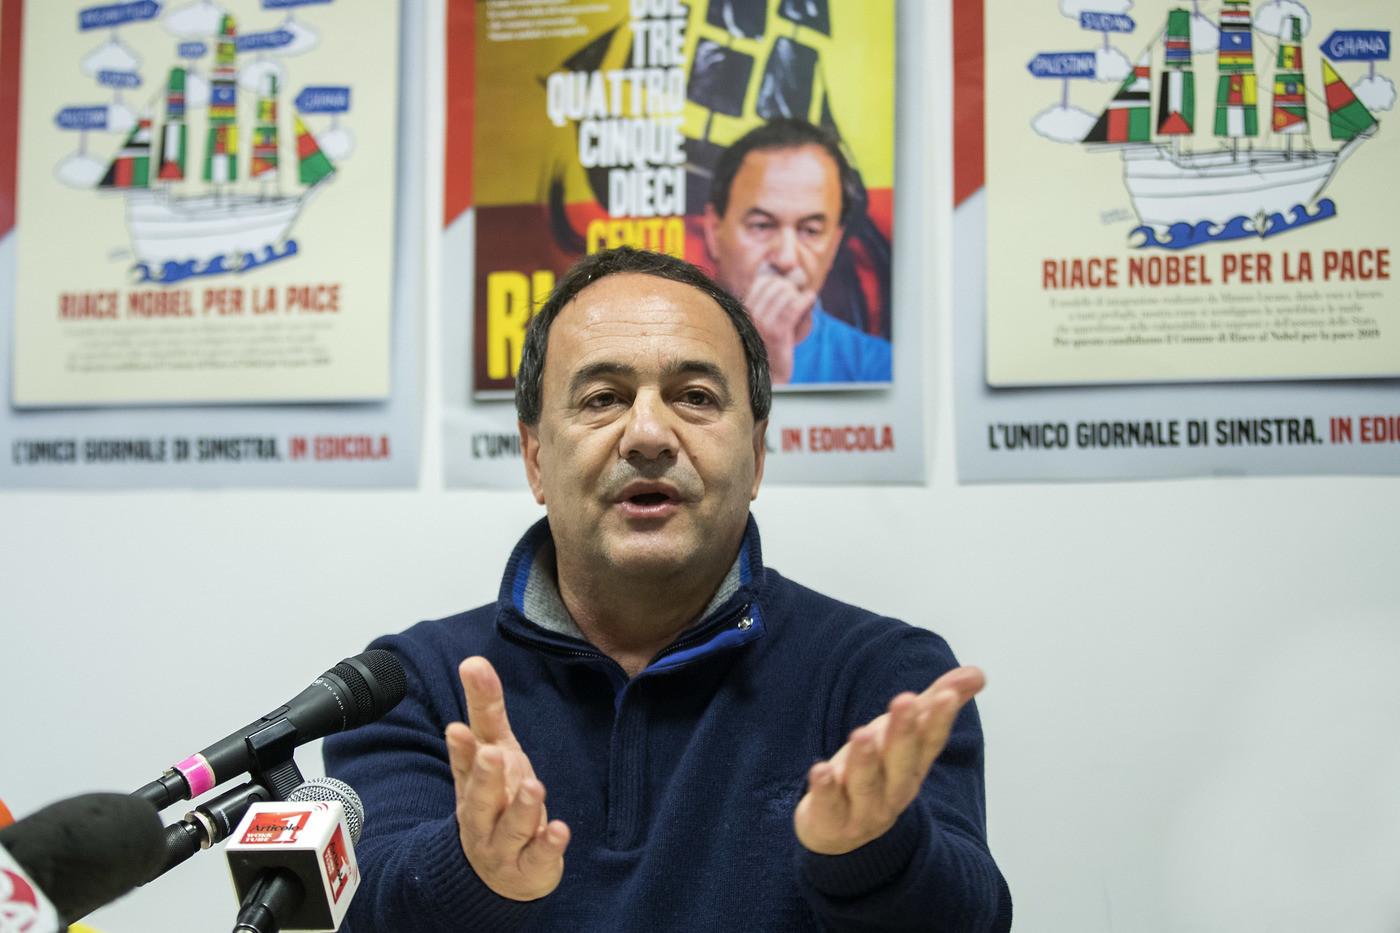 Lucano, la Cassazione smantella le accuse contro il sindaco di Riace